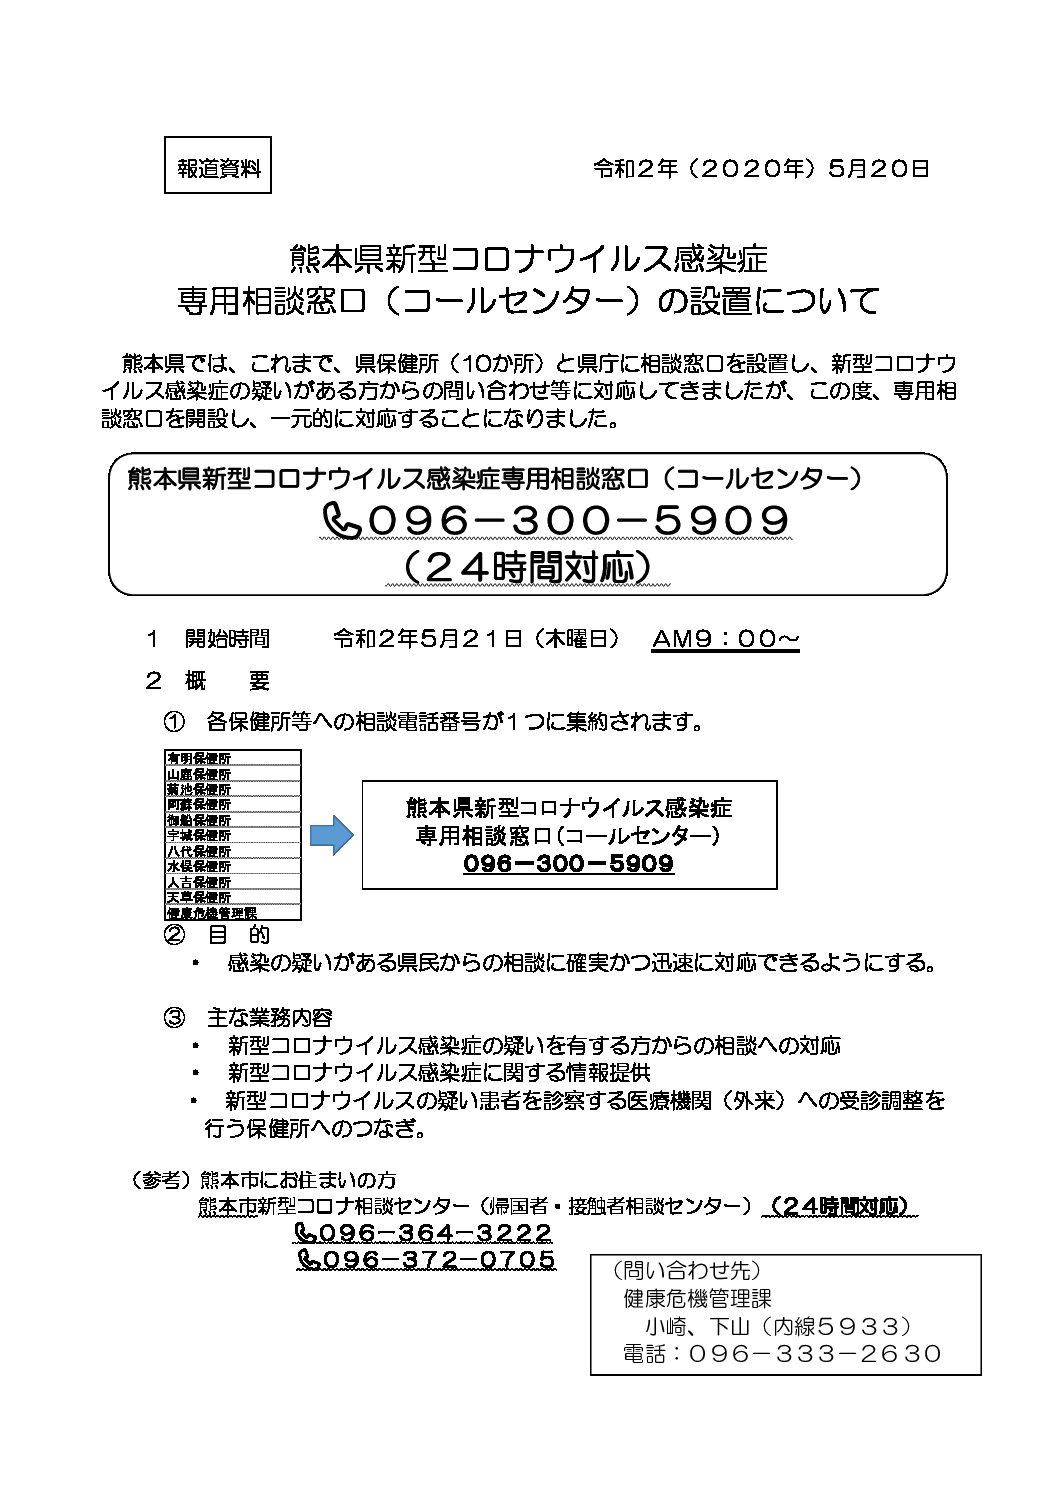 ウイルス 熊本 県 コロナ